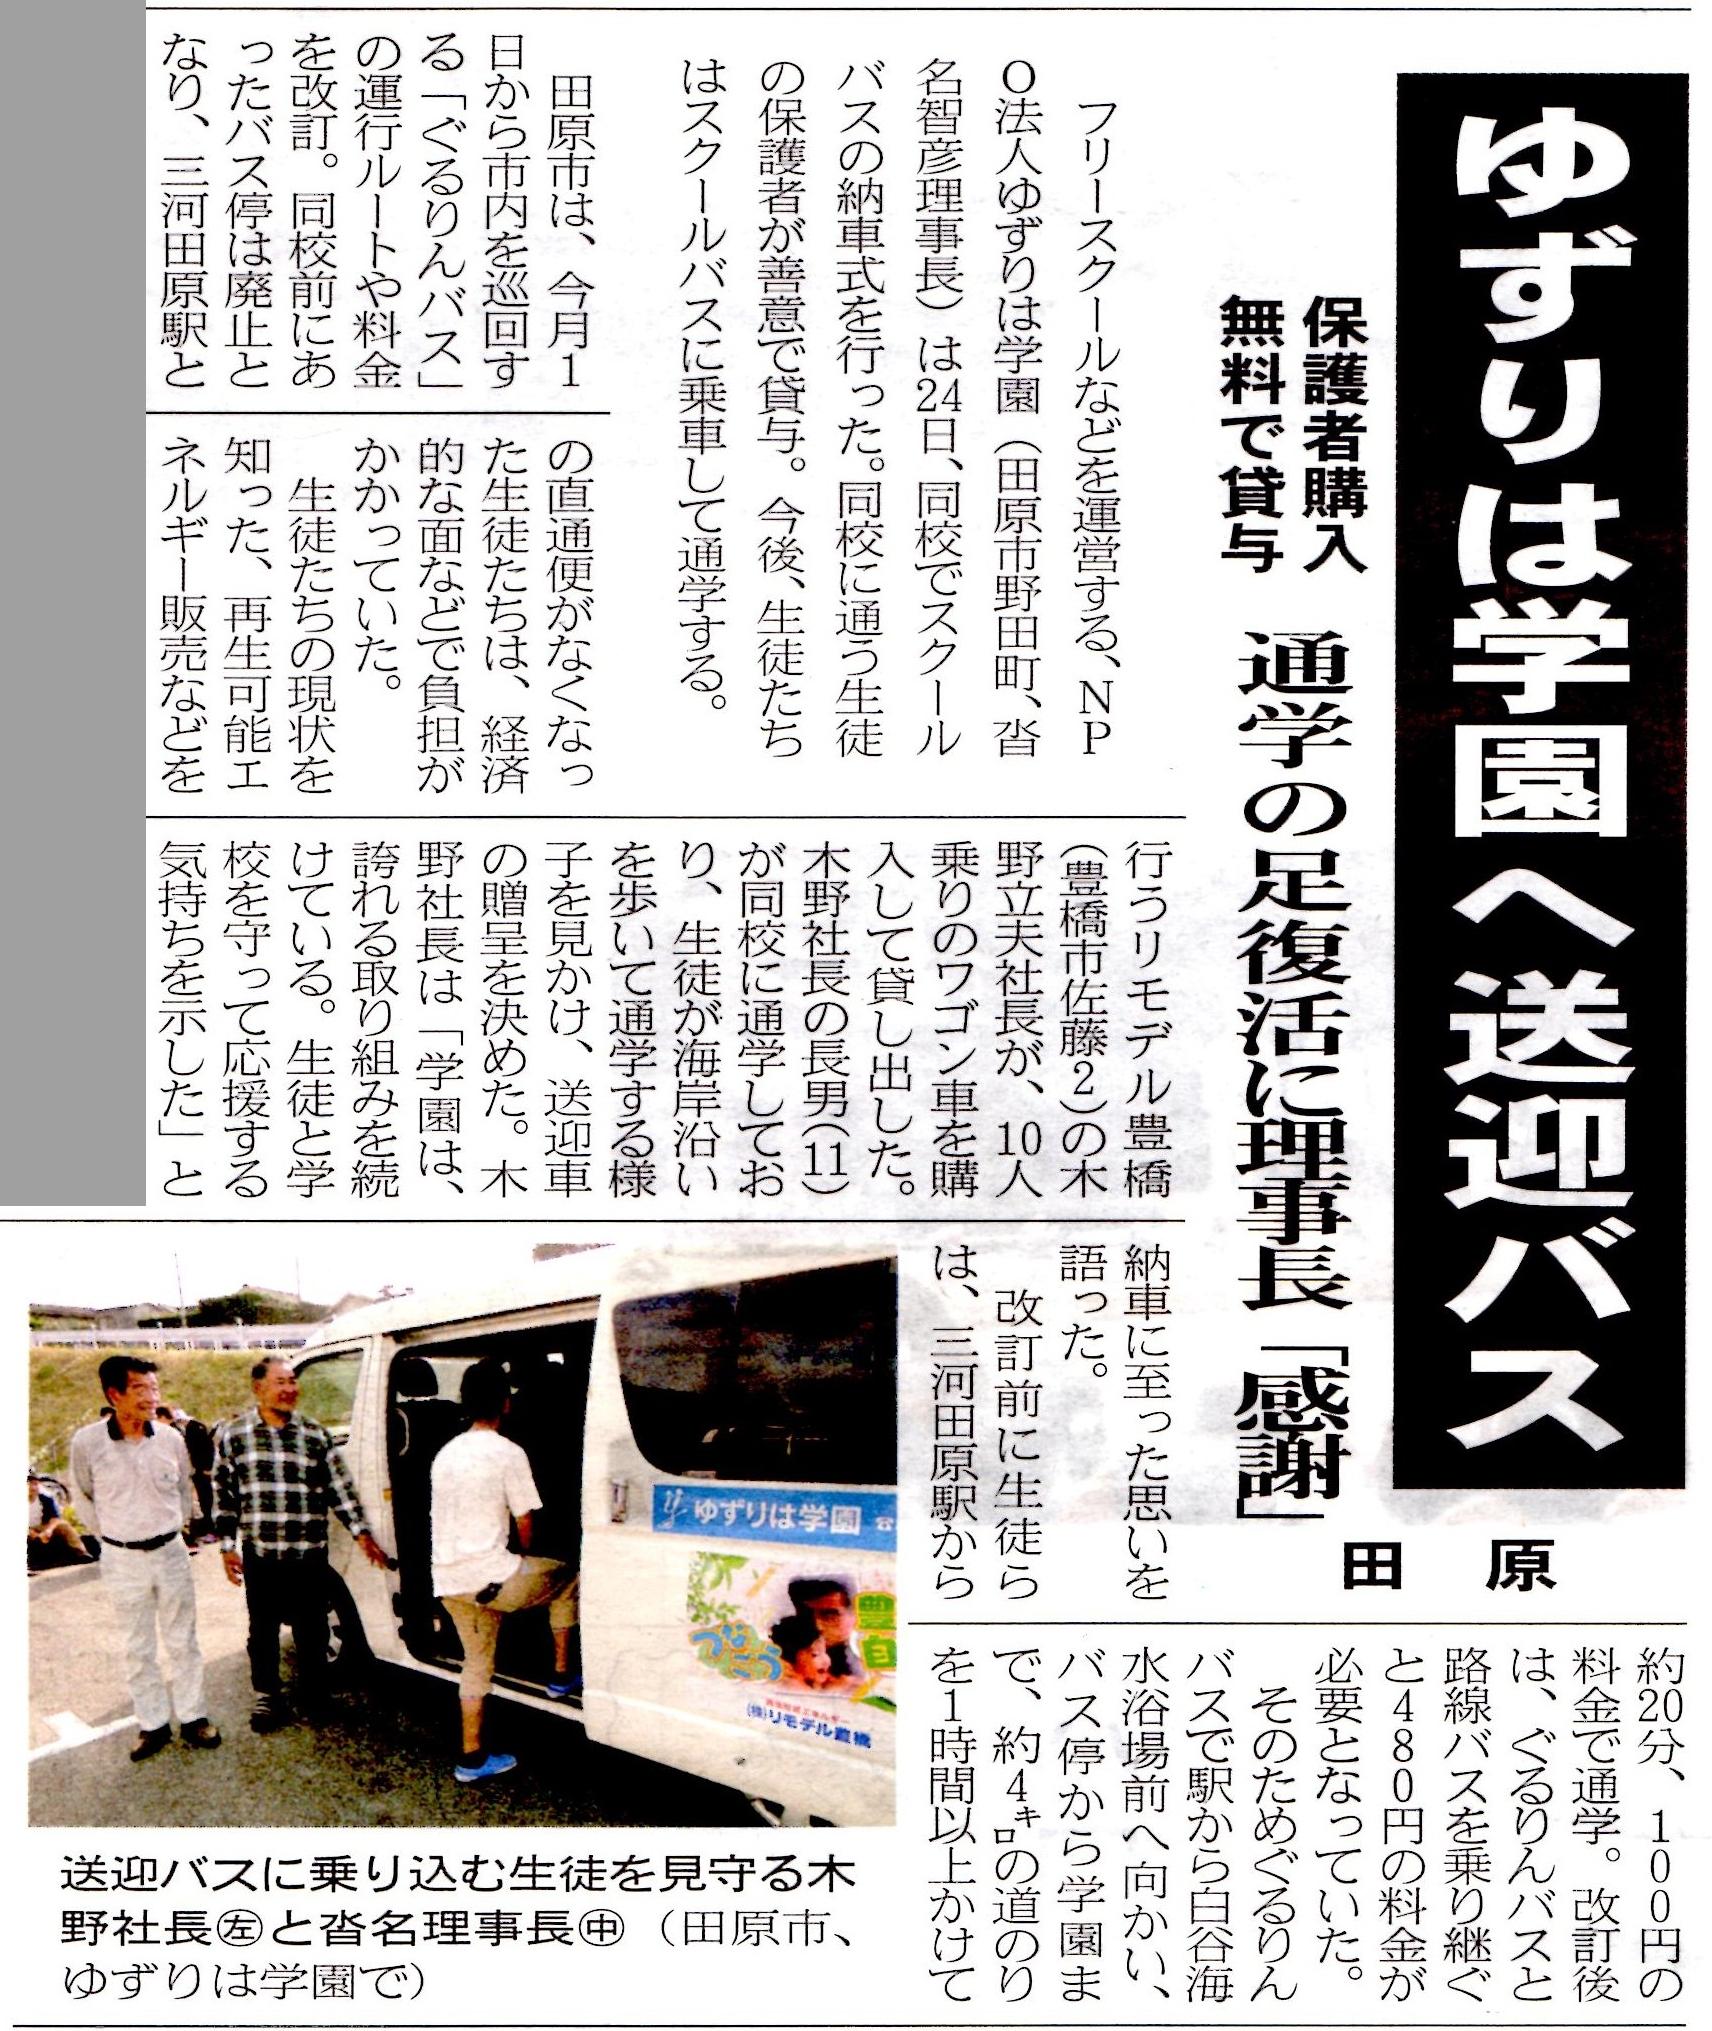 022_ゆずりは学園へ送迎バス(東日新聞)20151025